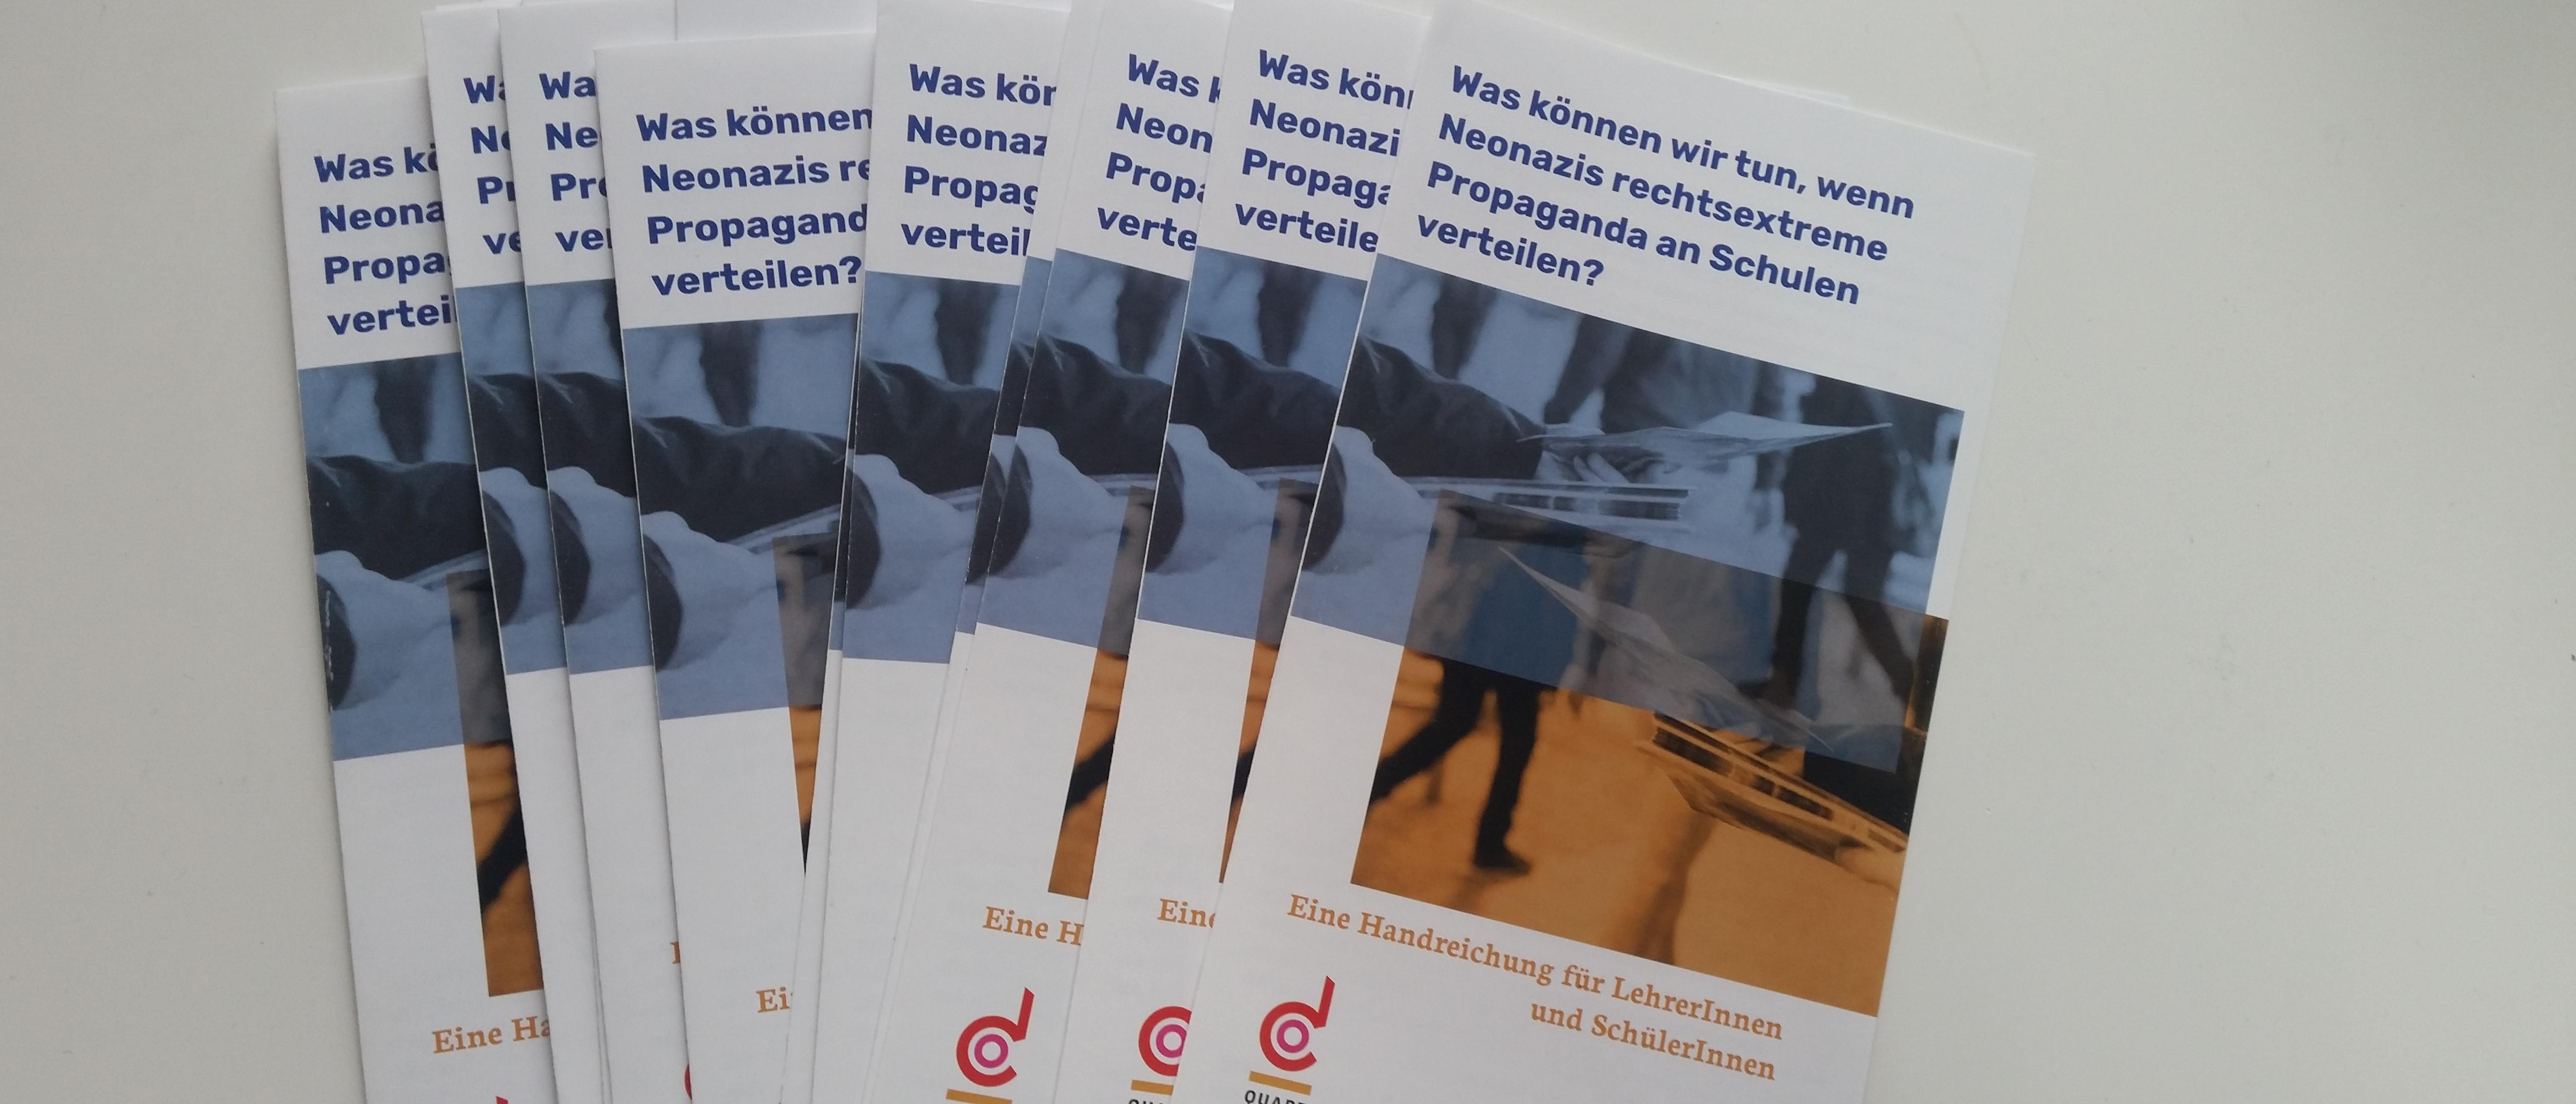 Handreichung zum Umgang mit rechtsextremer Propaganda an Schulen veröffentlicht